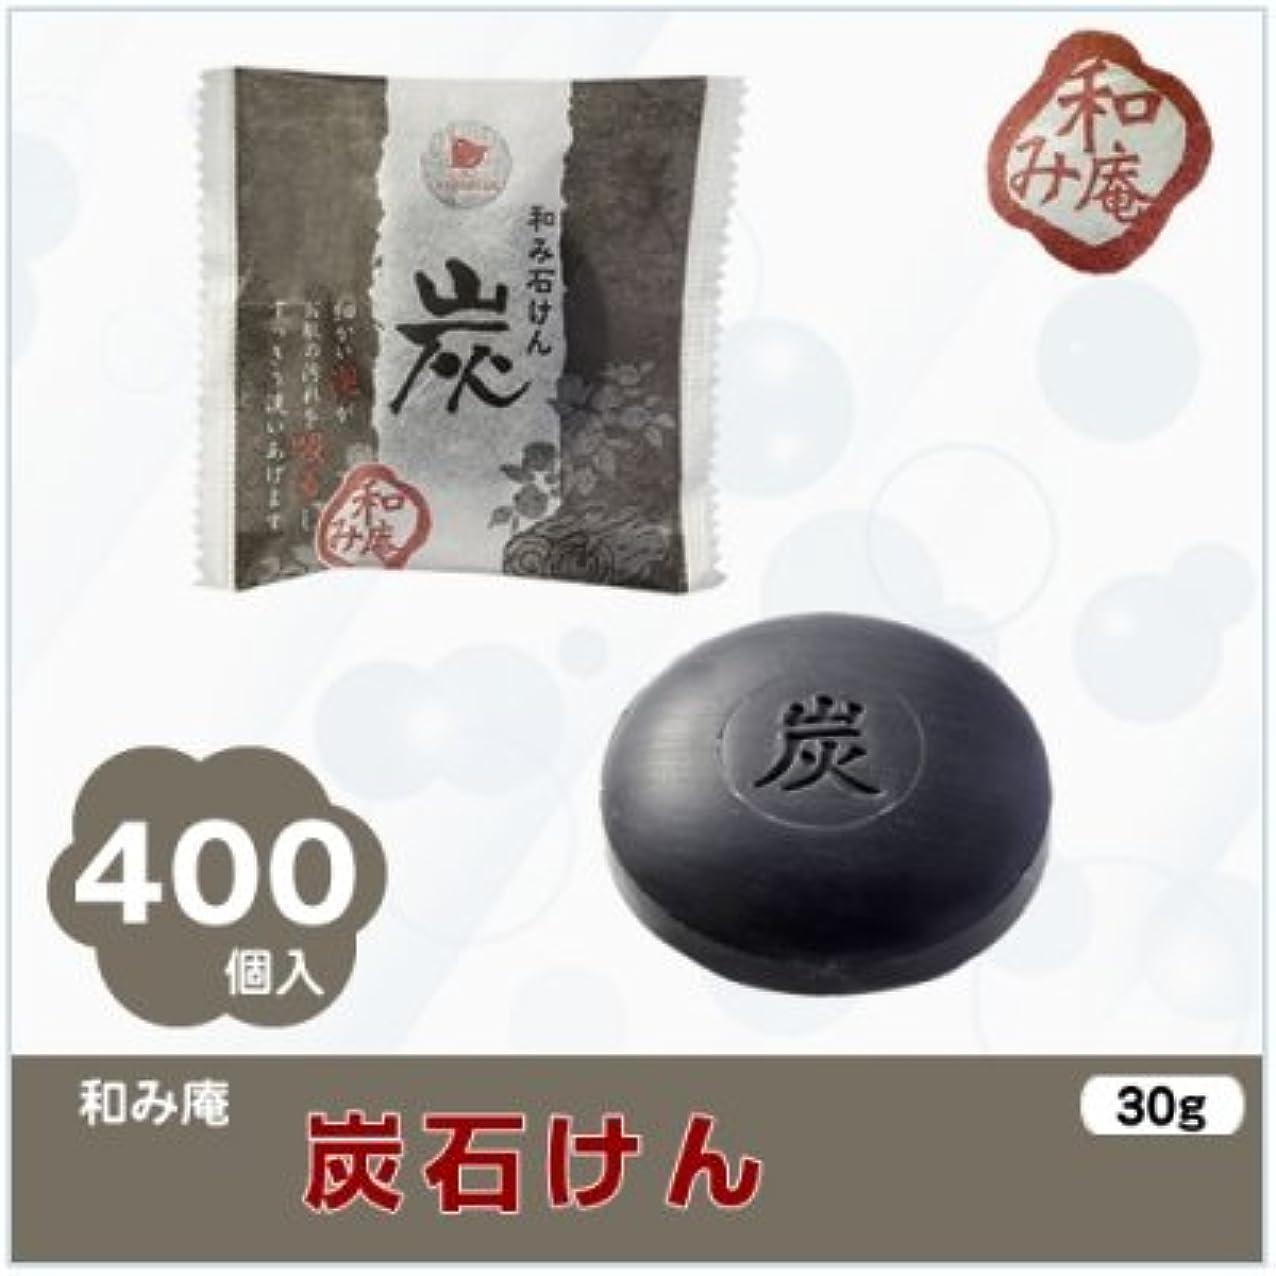 いわゆるモットーボトル和み庵 炭石鹸 30g (120個1セット) …